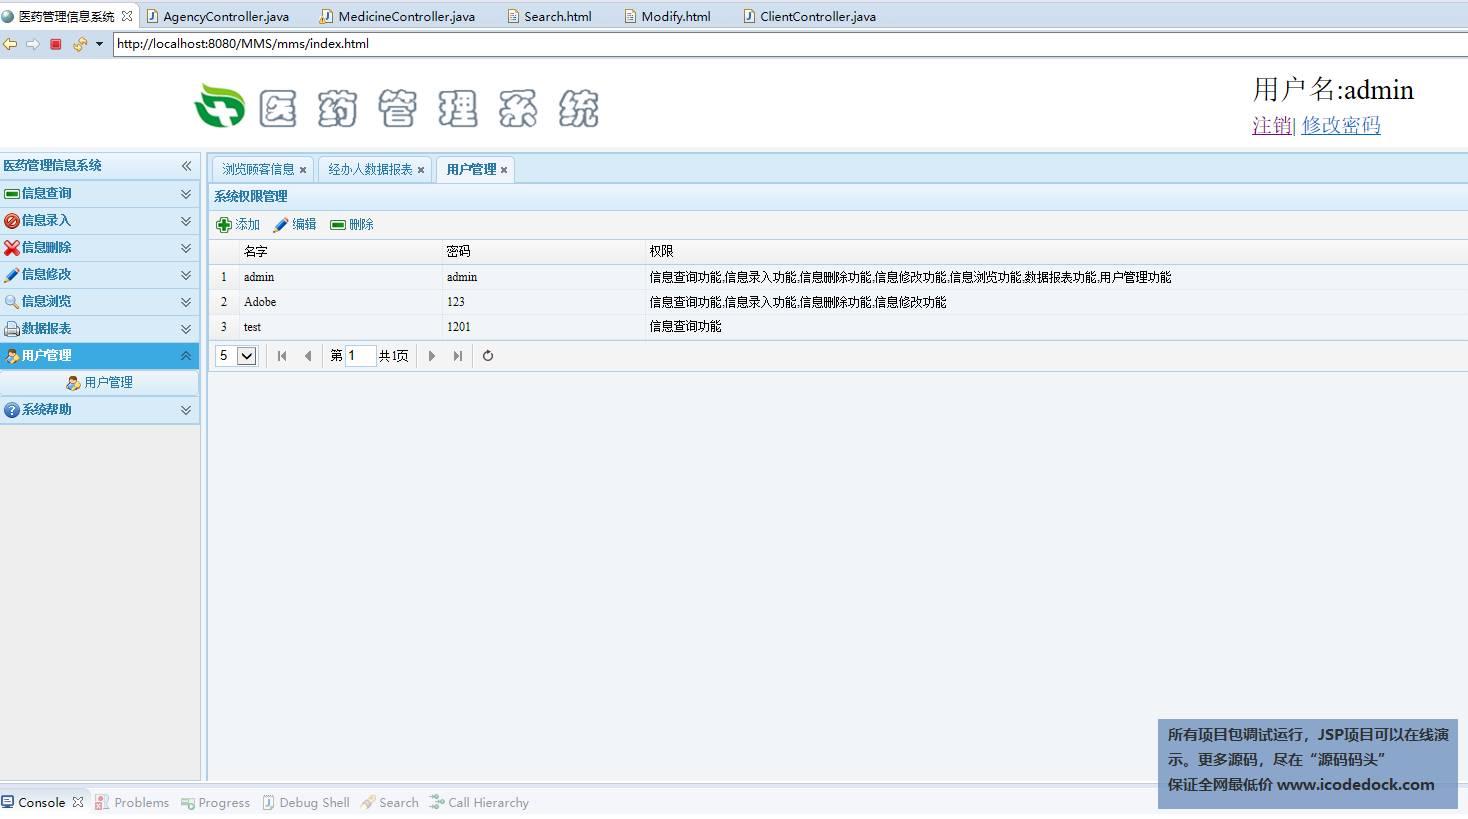 源码码头-SSM医药信息管理系统-管理员角色-用户管理